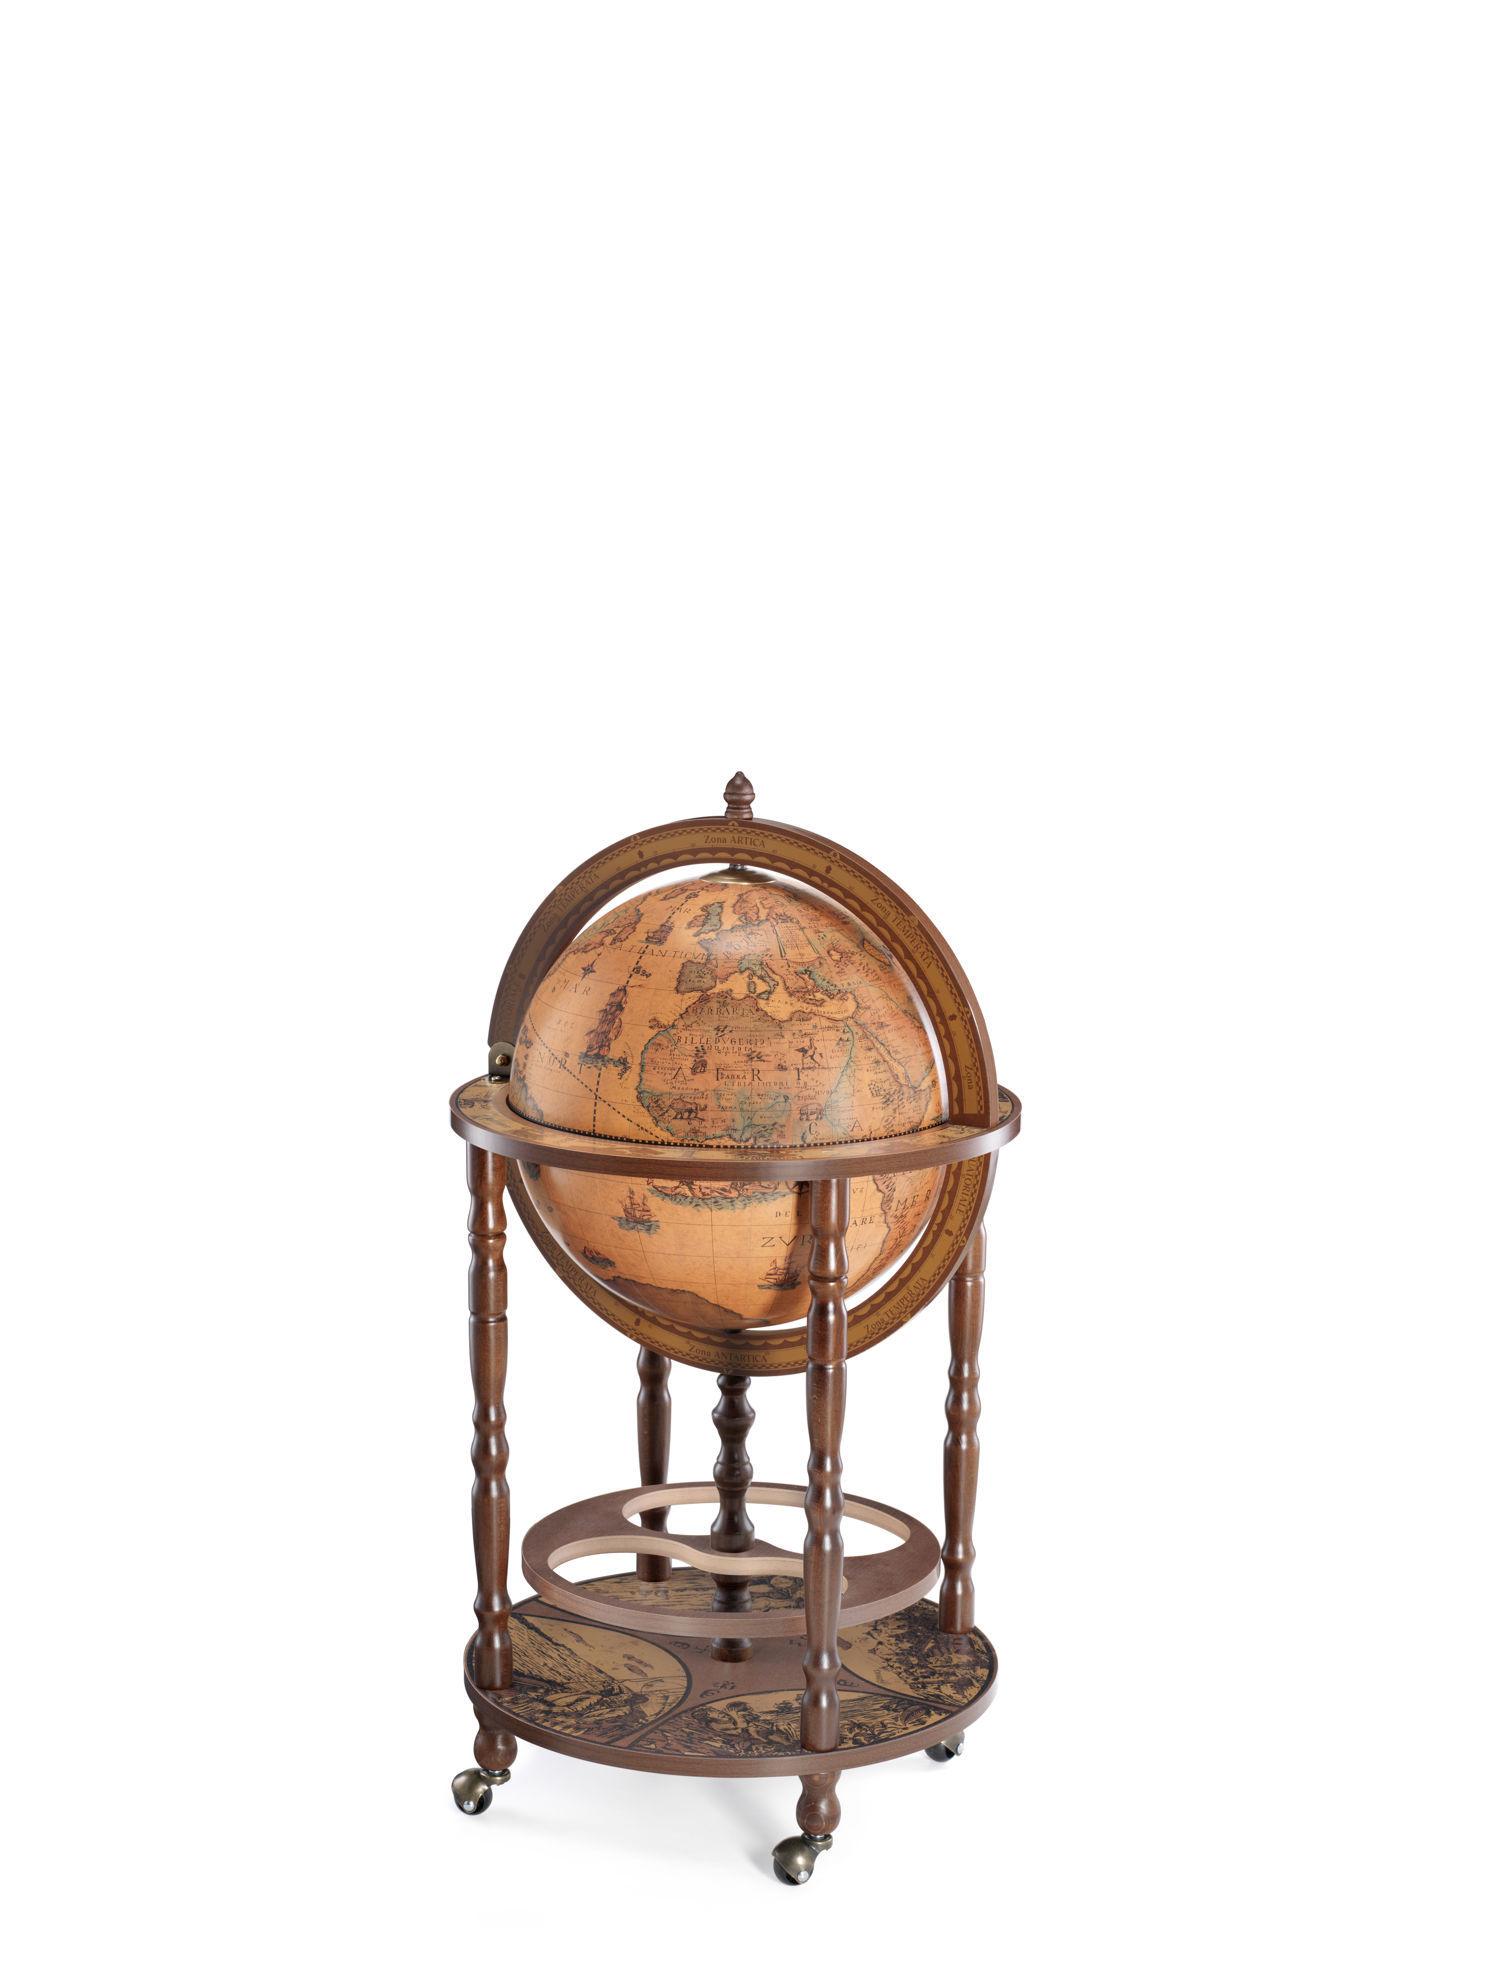 Obrázek Bar Globus Minevra